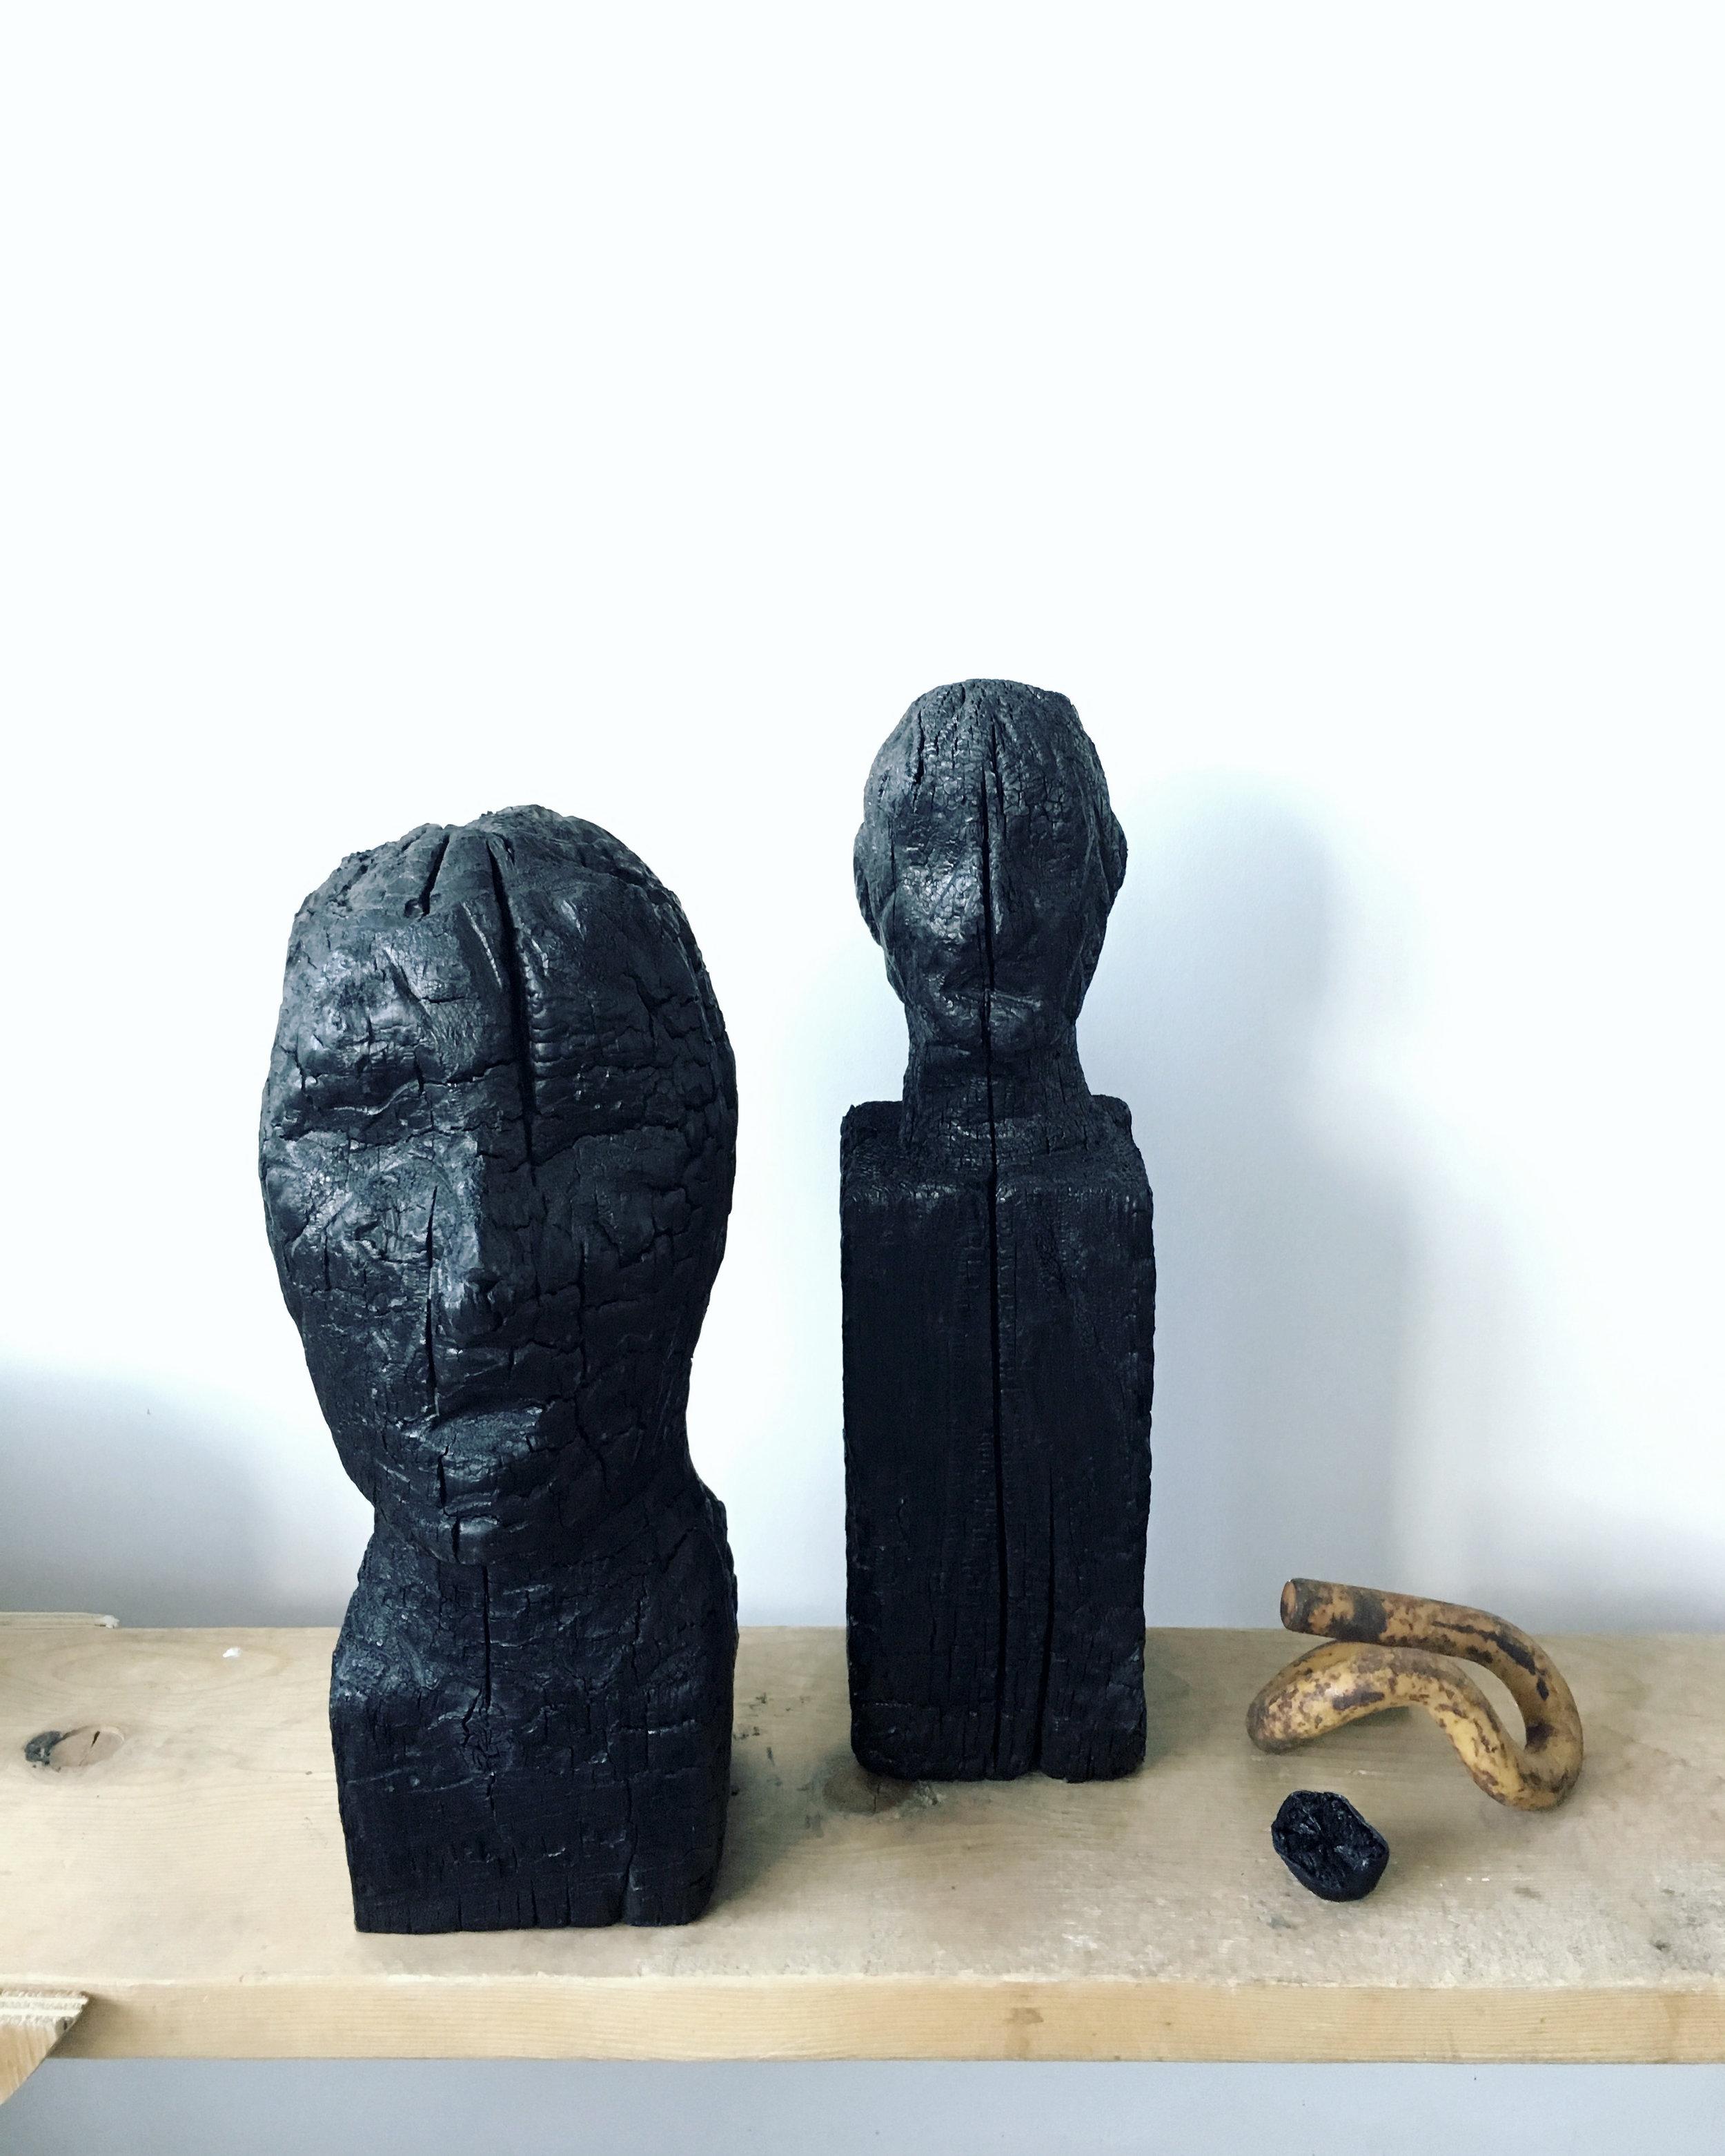 Sculptures à la chainsaw, brulés